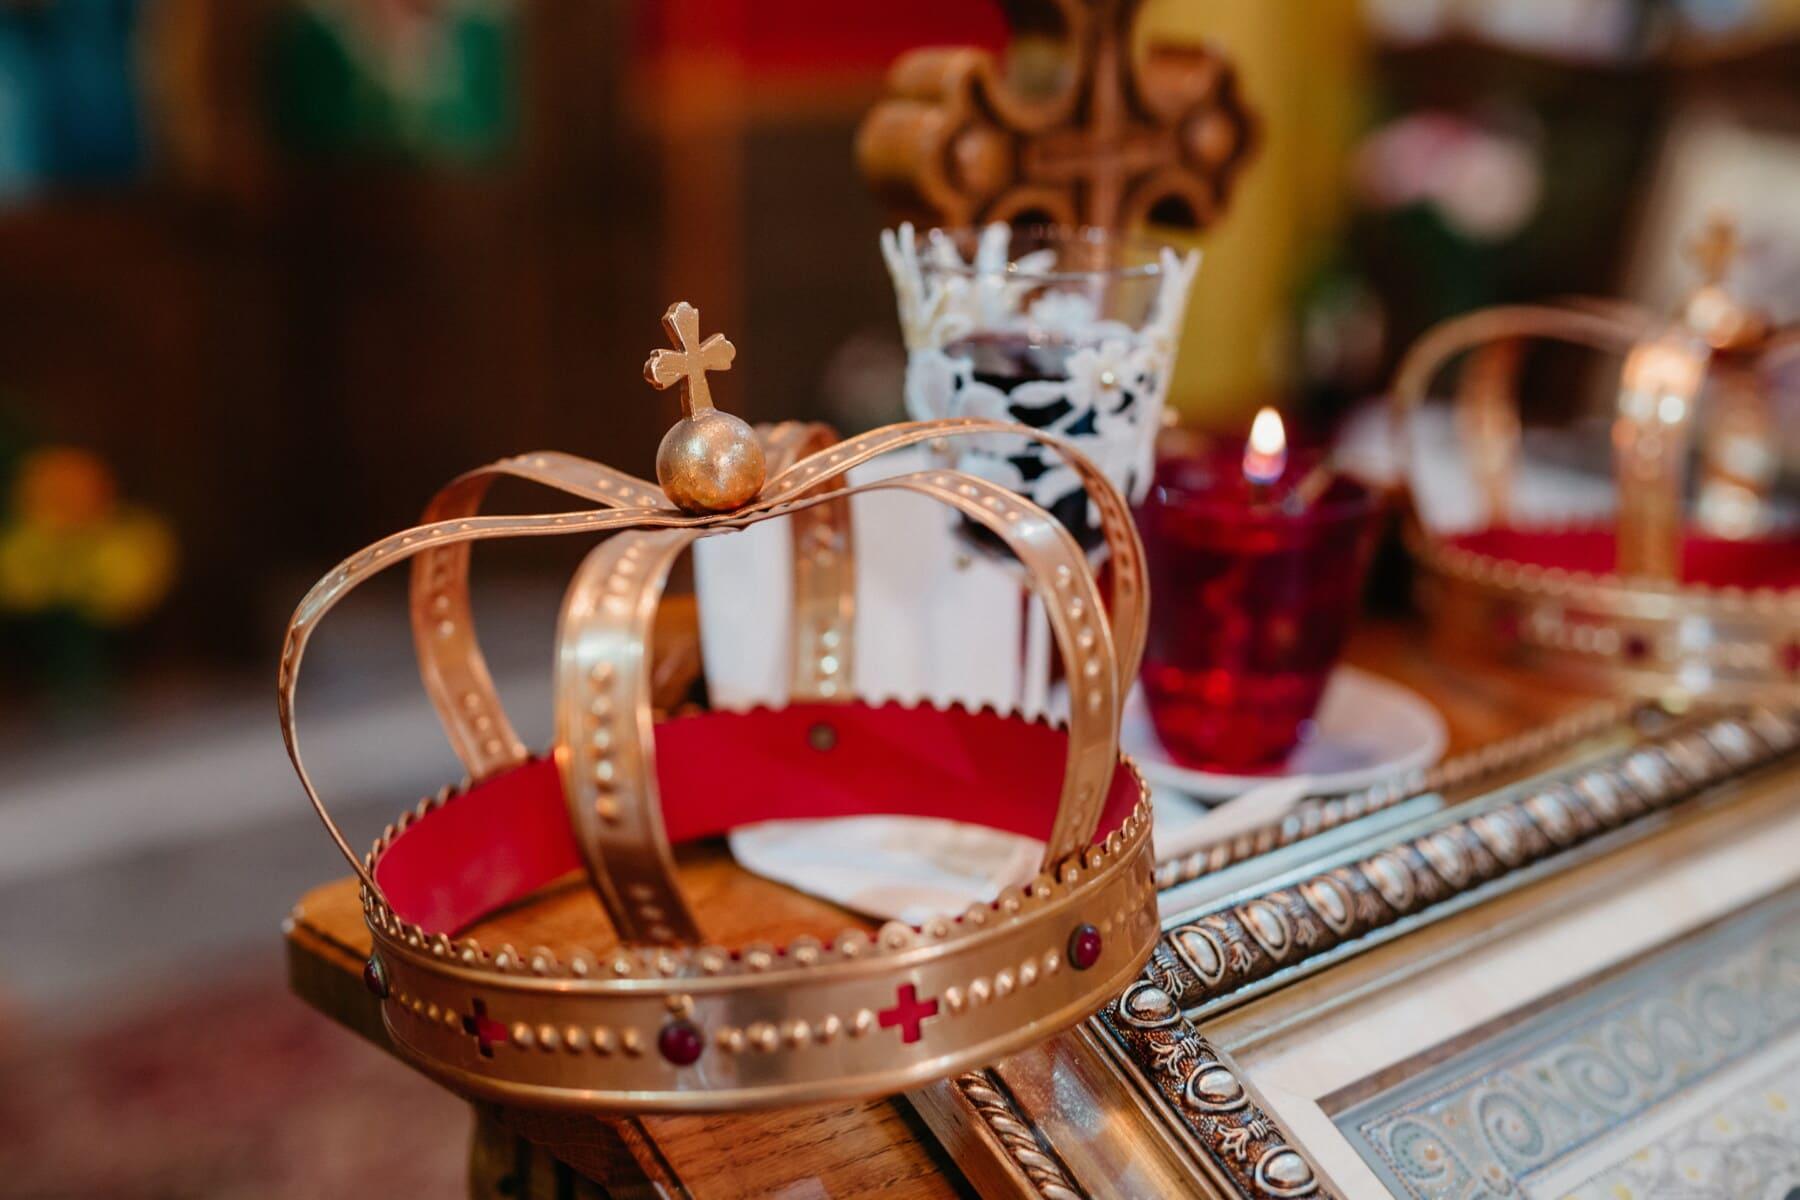 couronnement, Couronne, religieux, église, brillante, traditionnel, décoration, à l'intérieur, Hiver, luxe